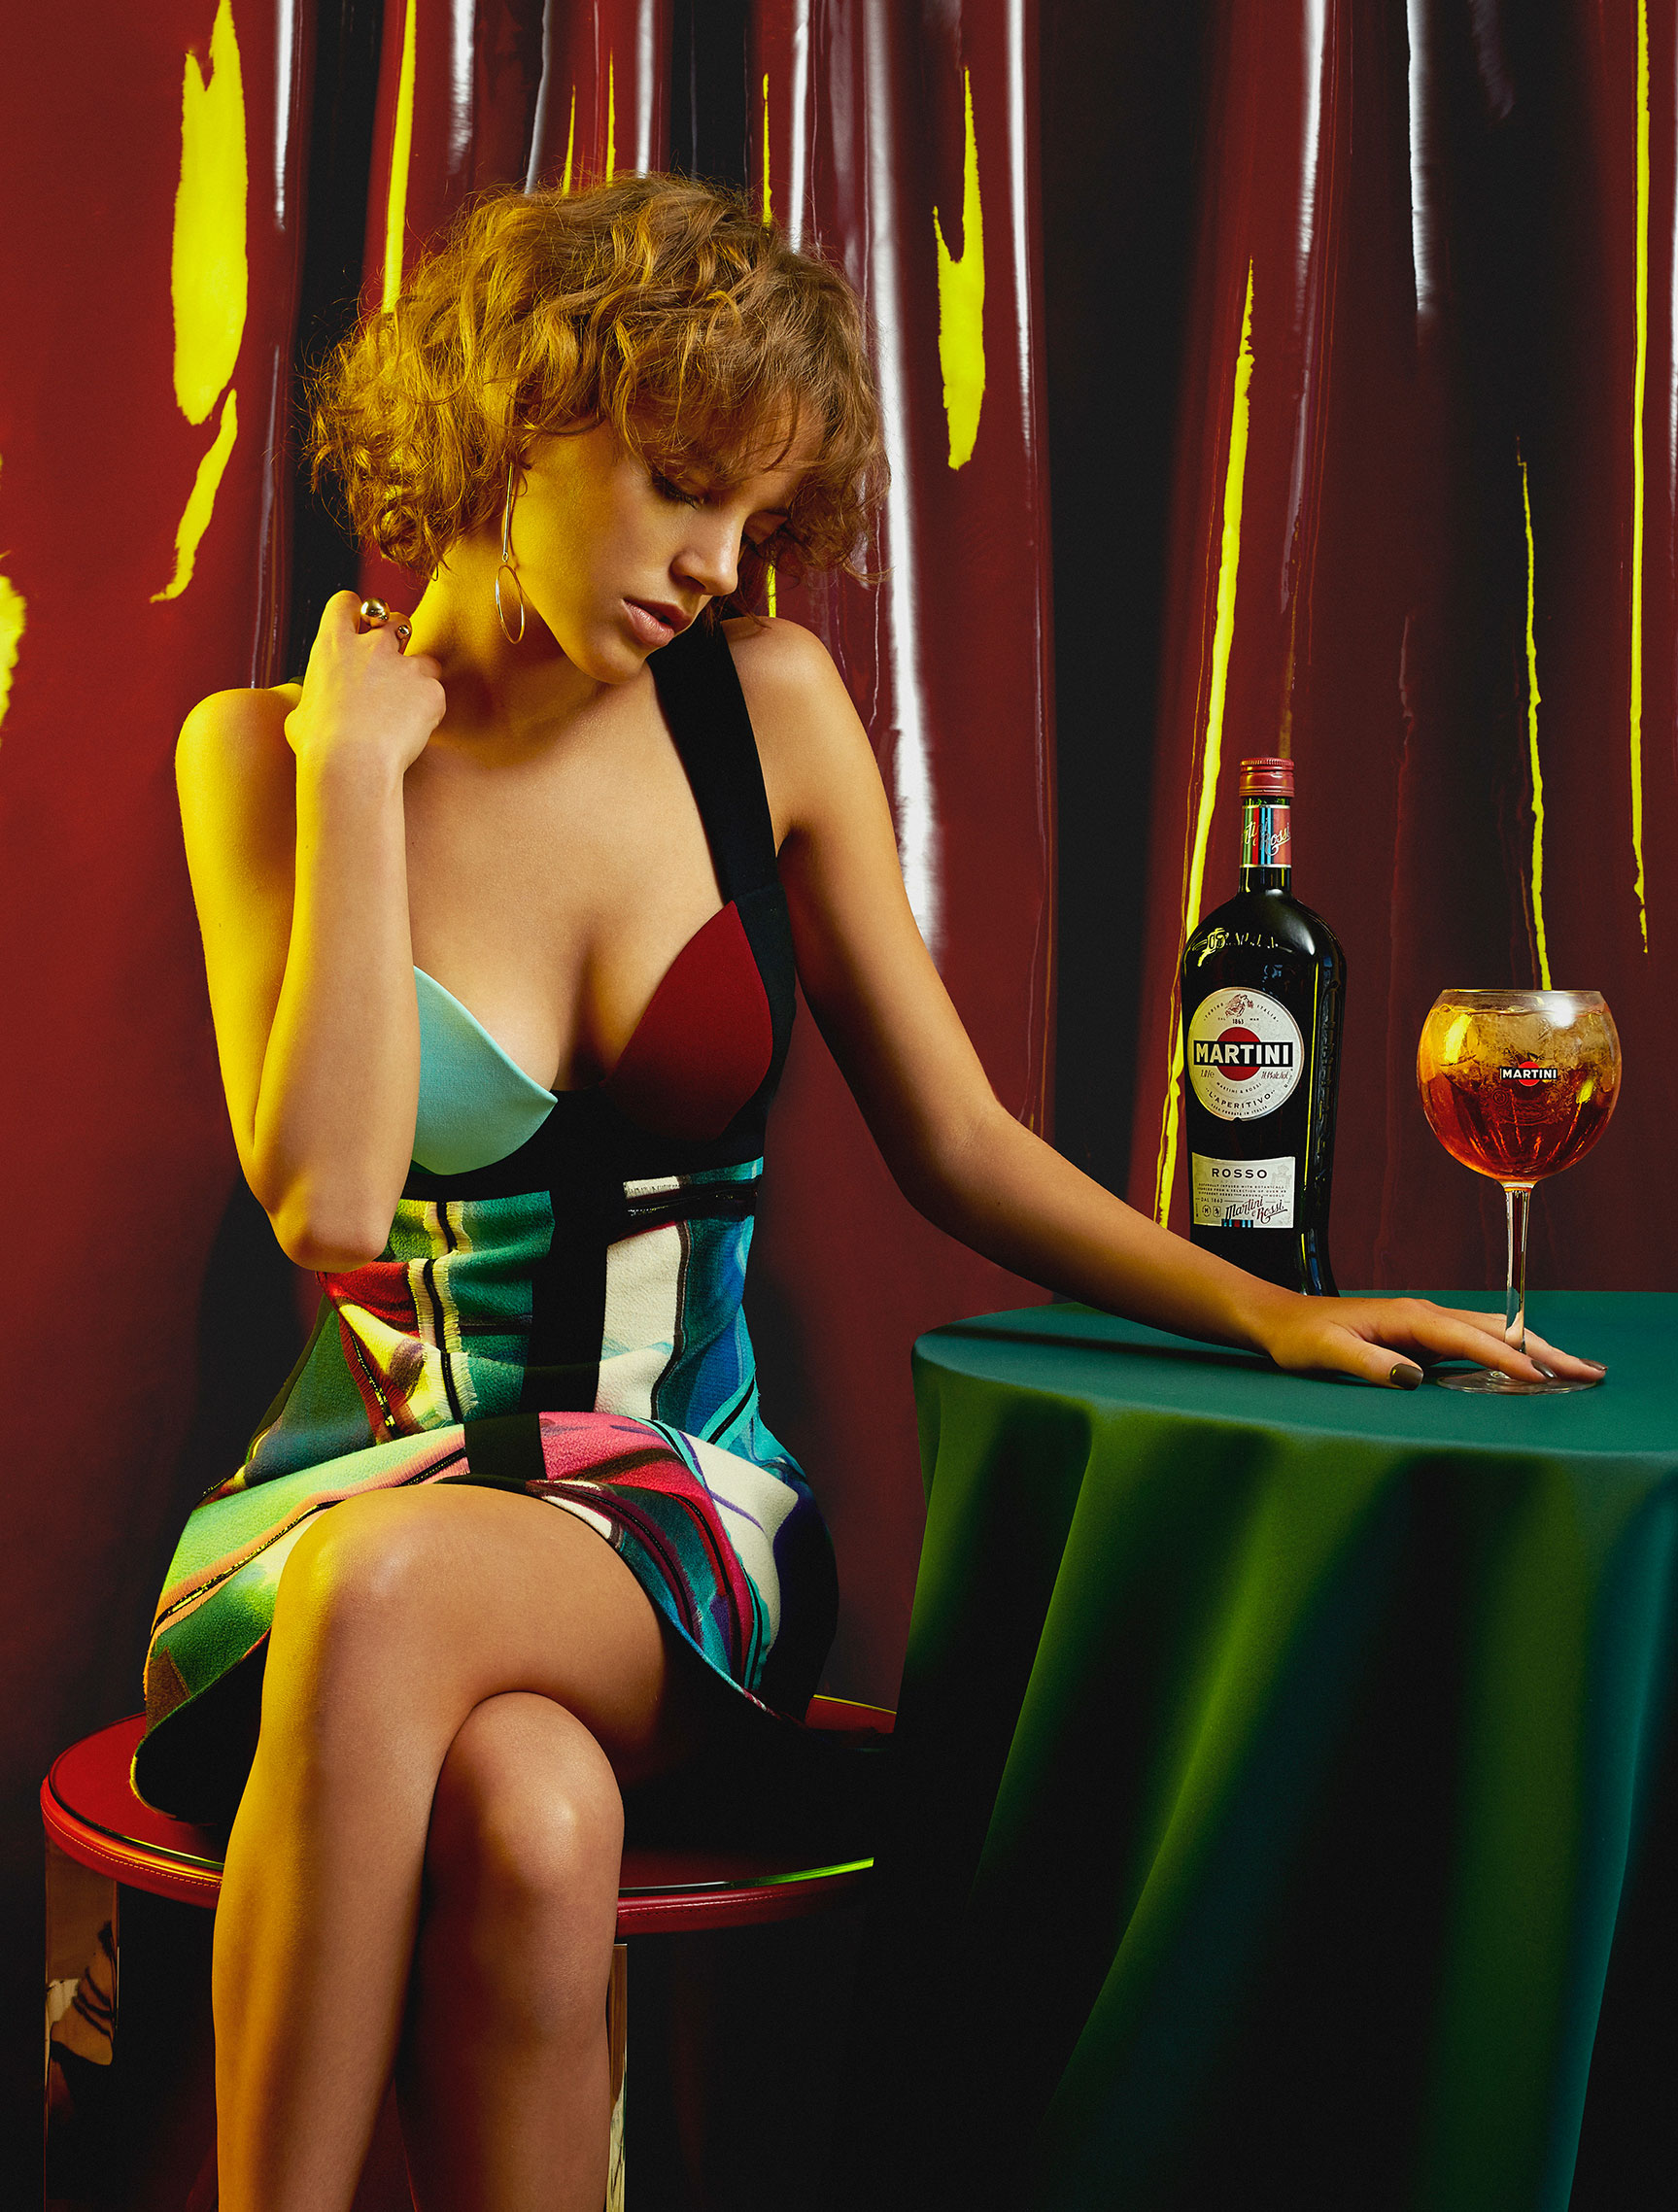 Пьем мартини вместе с красивой девушкой / фото 01